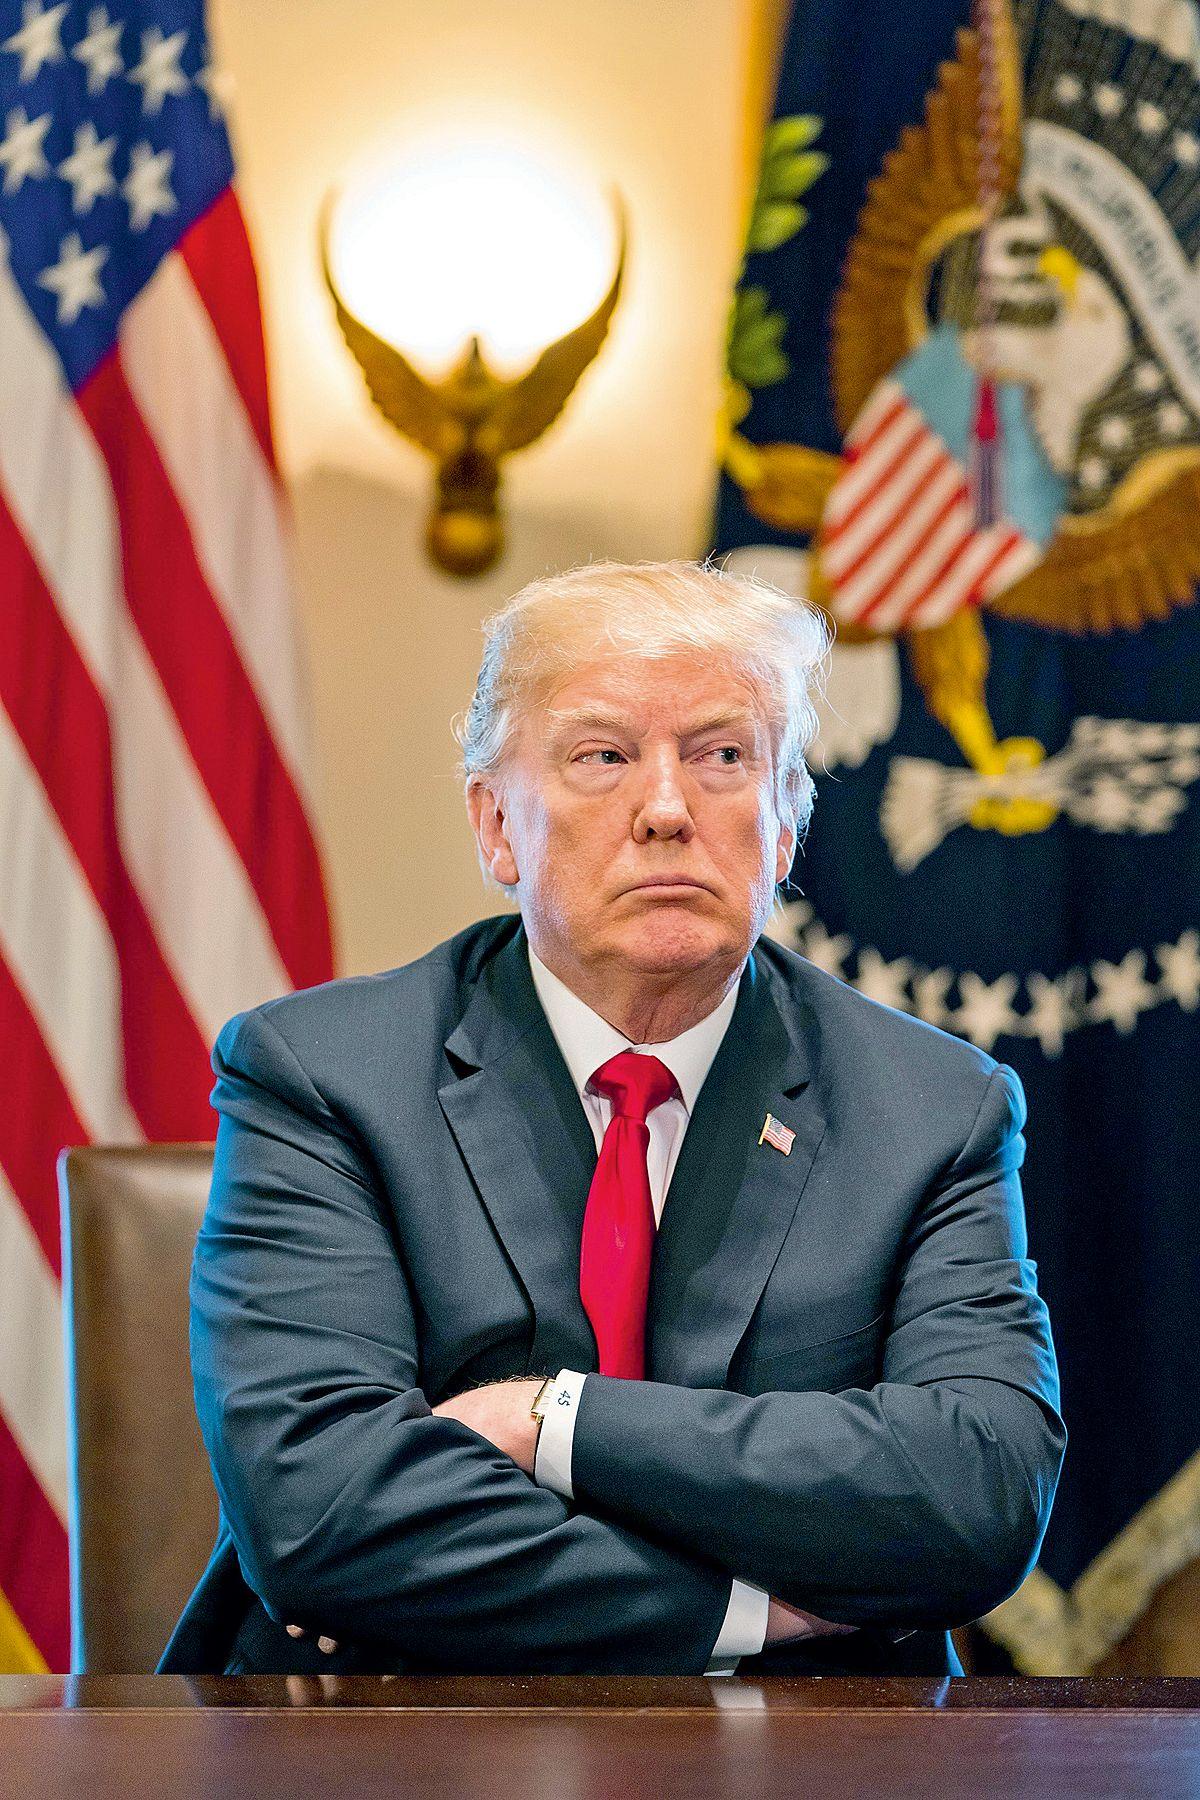 Co skutečně obsahuje Muellerova zpráva oDonaldu Trumpovi